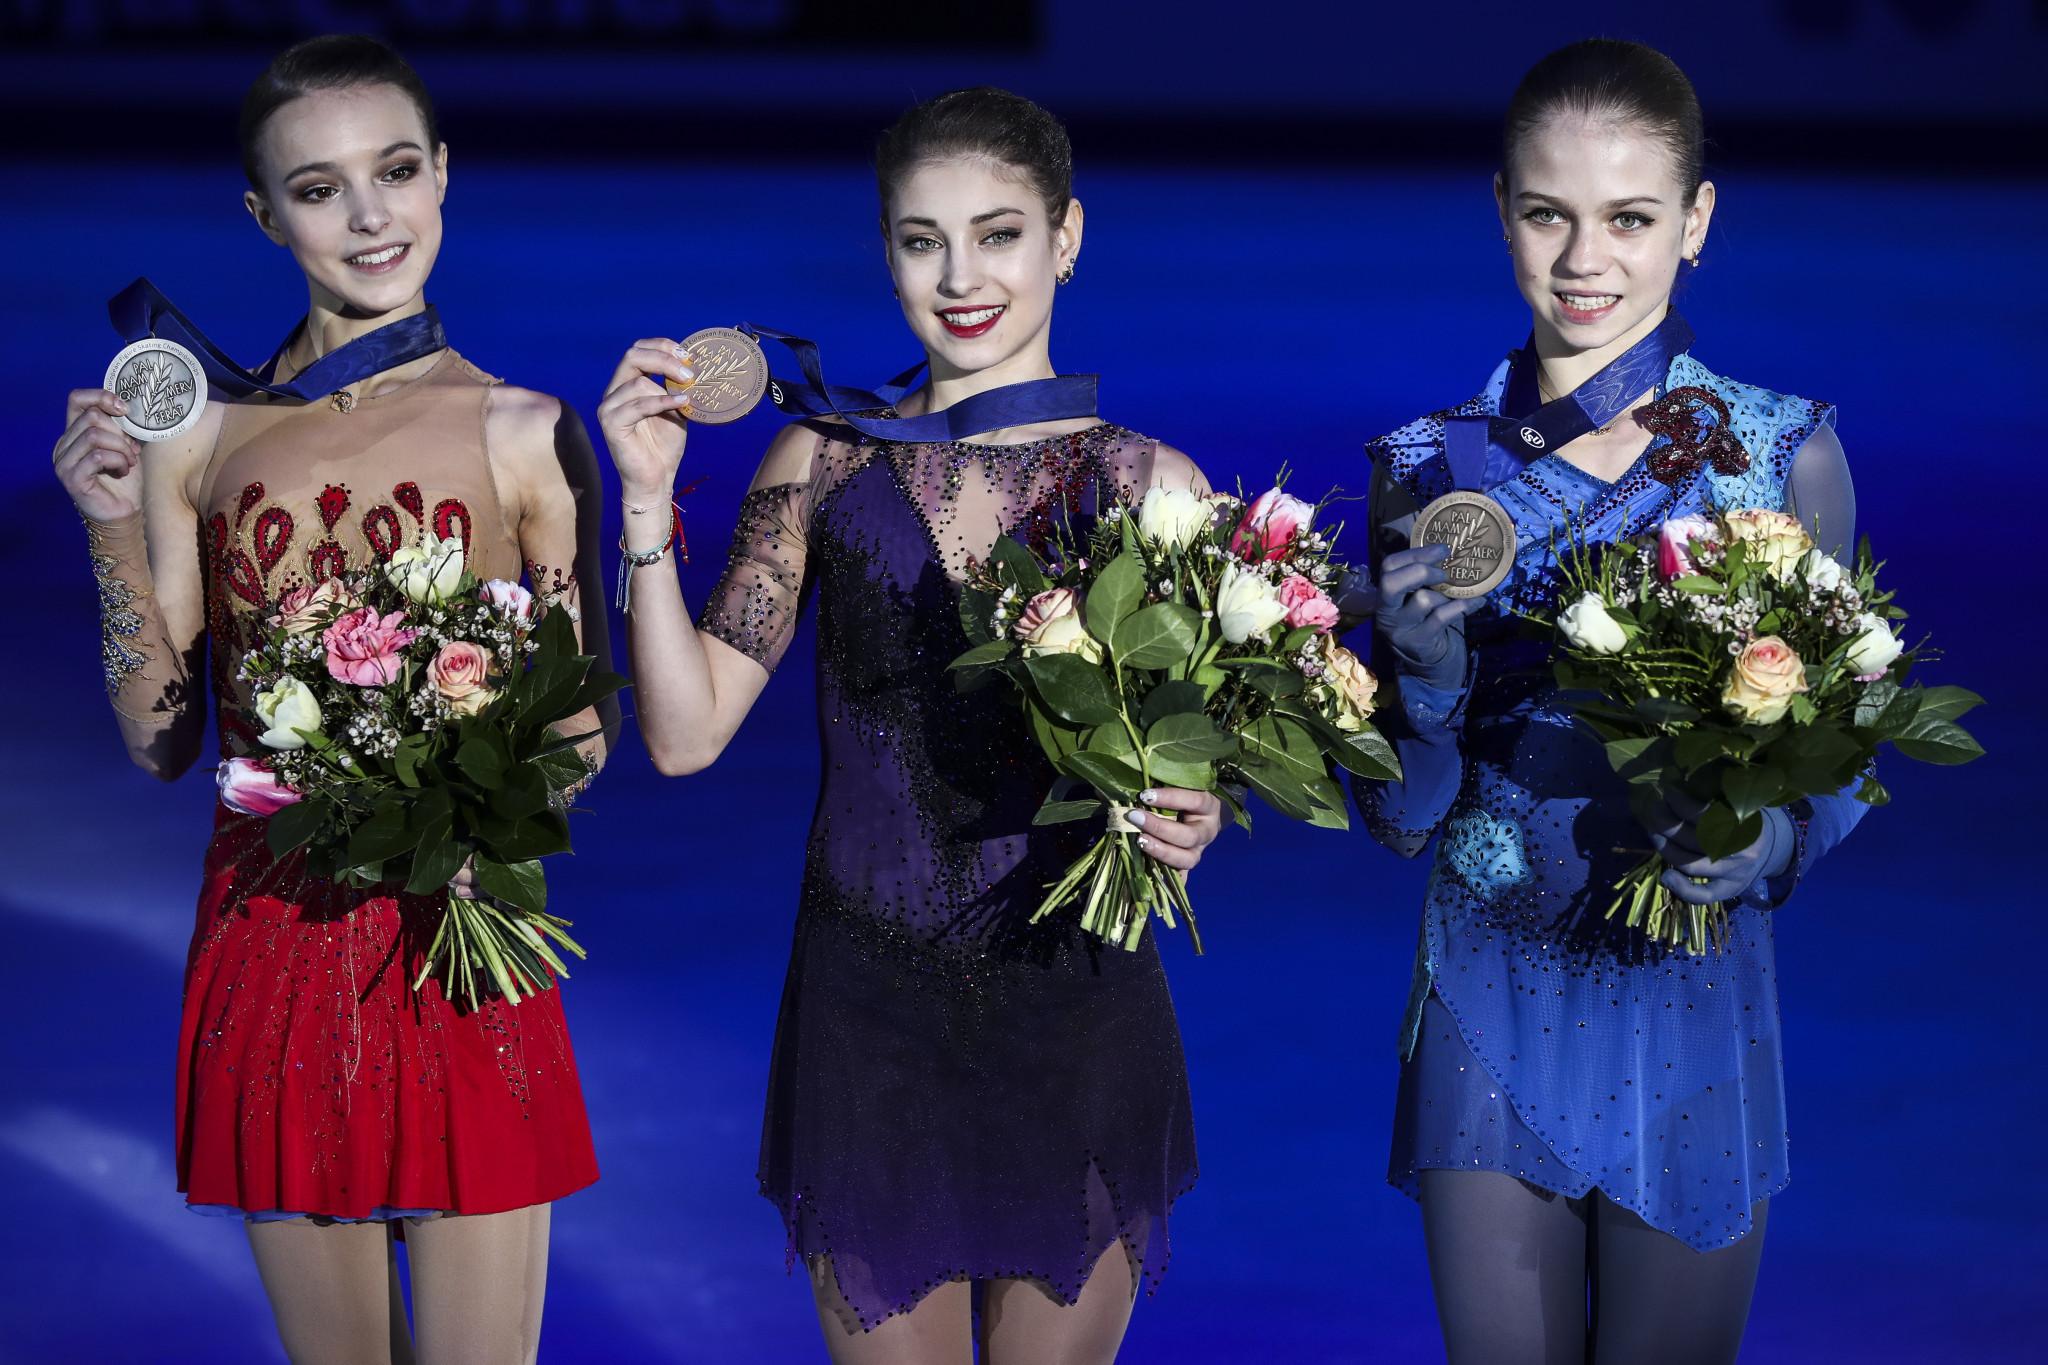 Prodigies Kostornaia, Shcherbakova and Trusova set to lock horns at Moscow Grand Prix of Figure Skating event